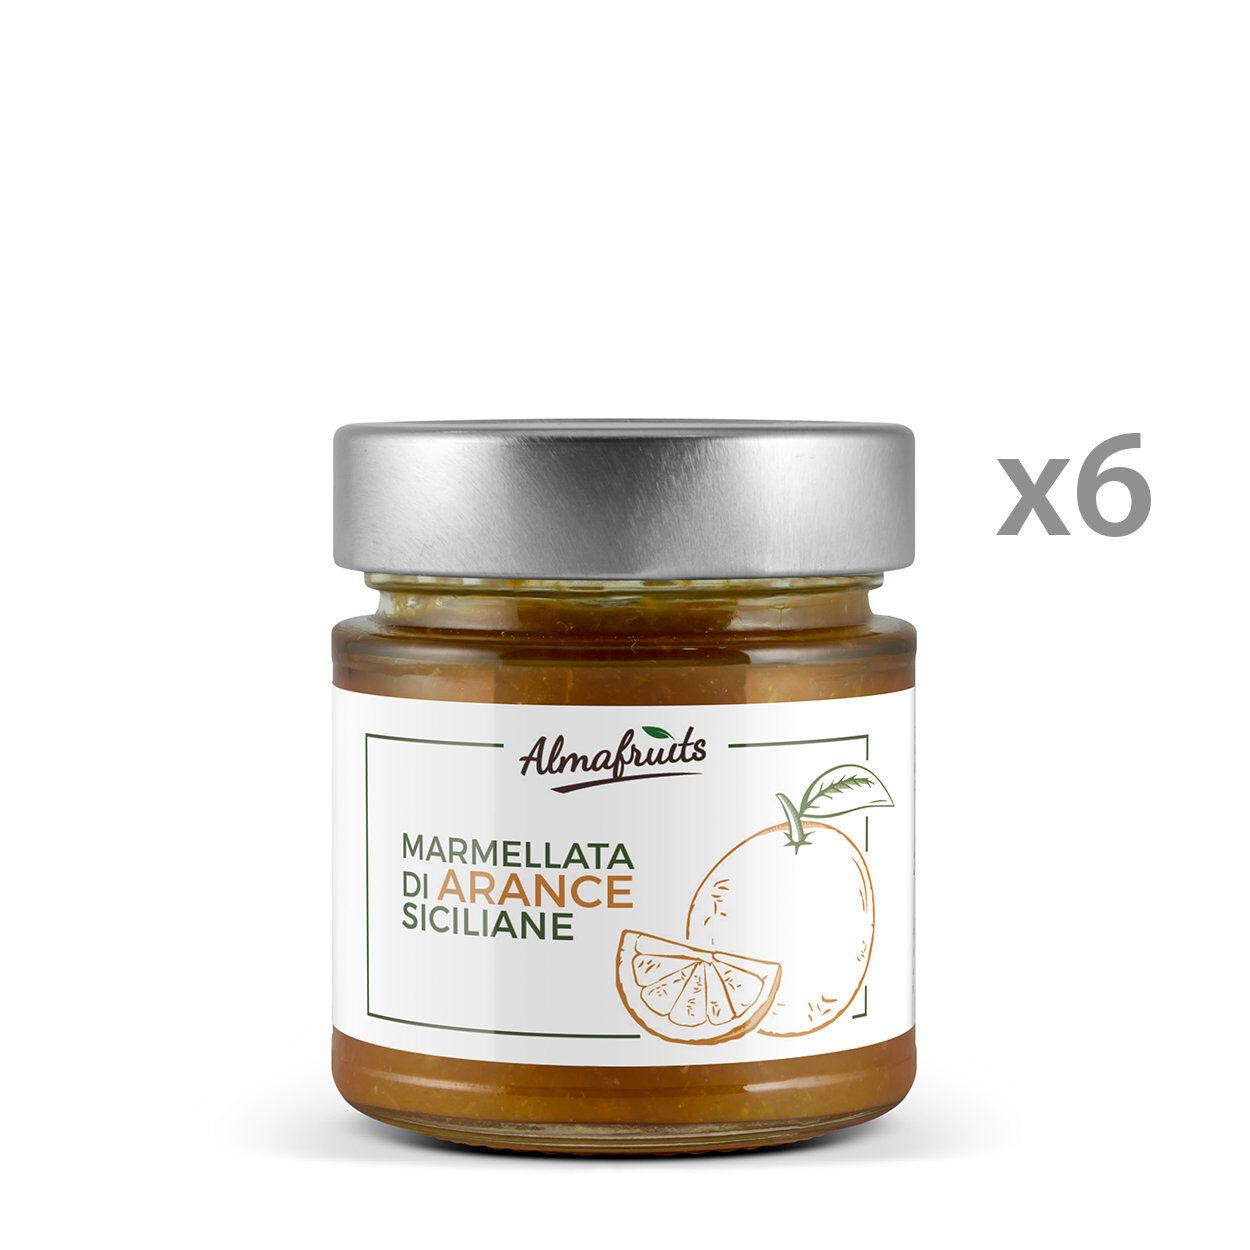 Almafruits 6 vasetti - Marmellata di Arance Siciliane 250 gr